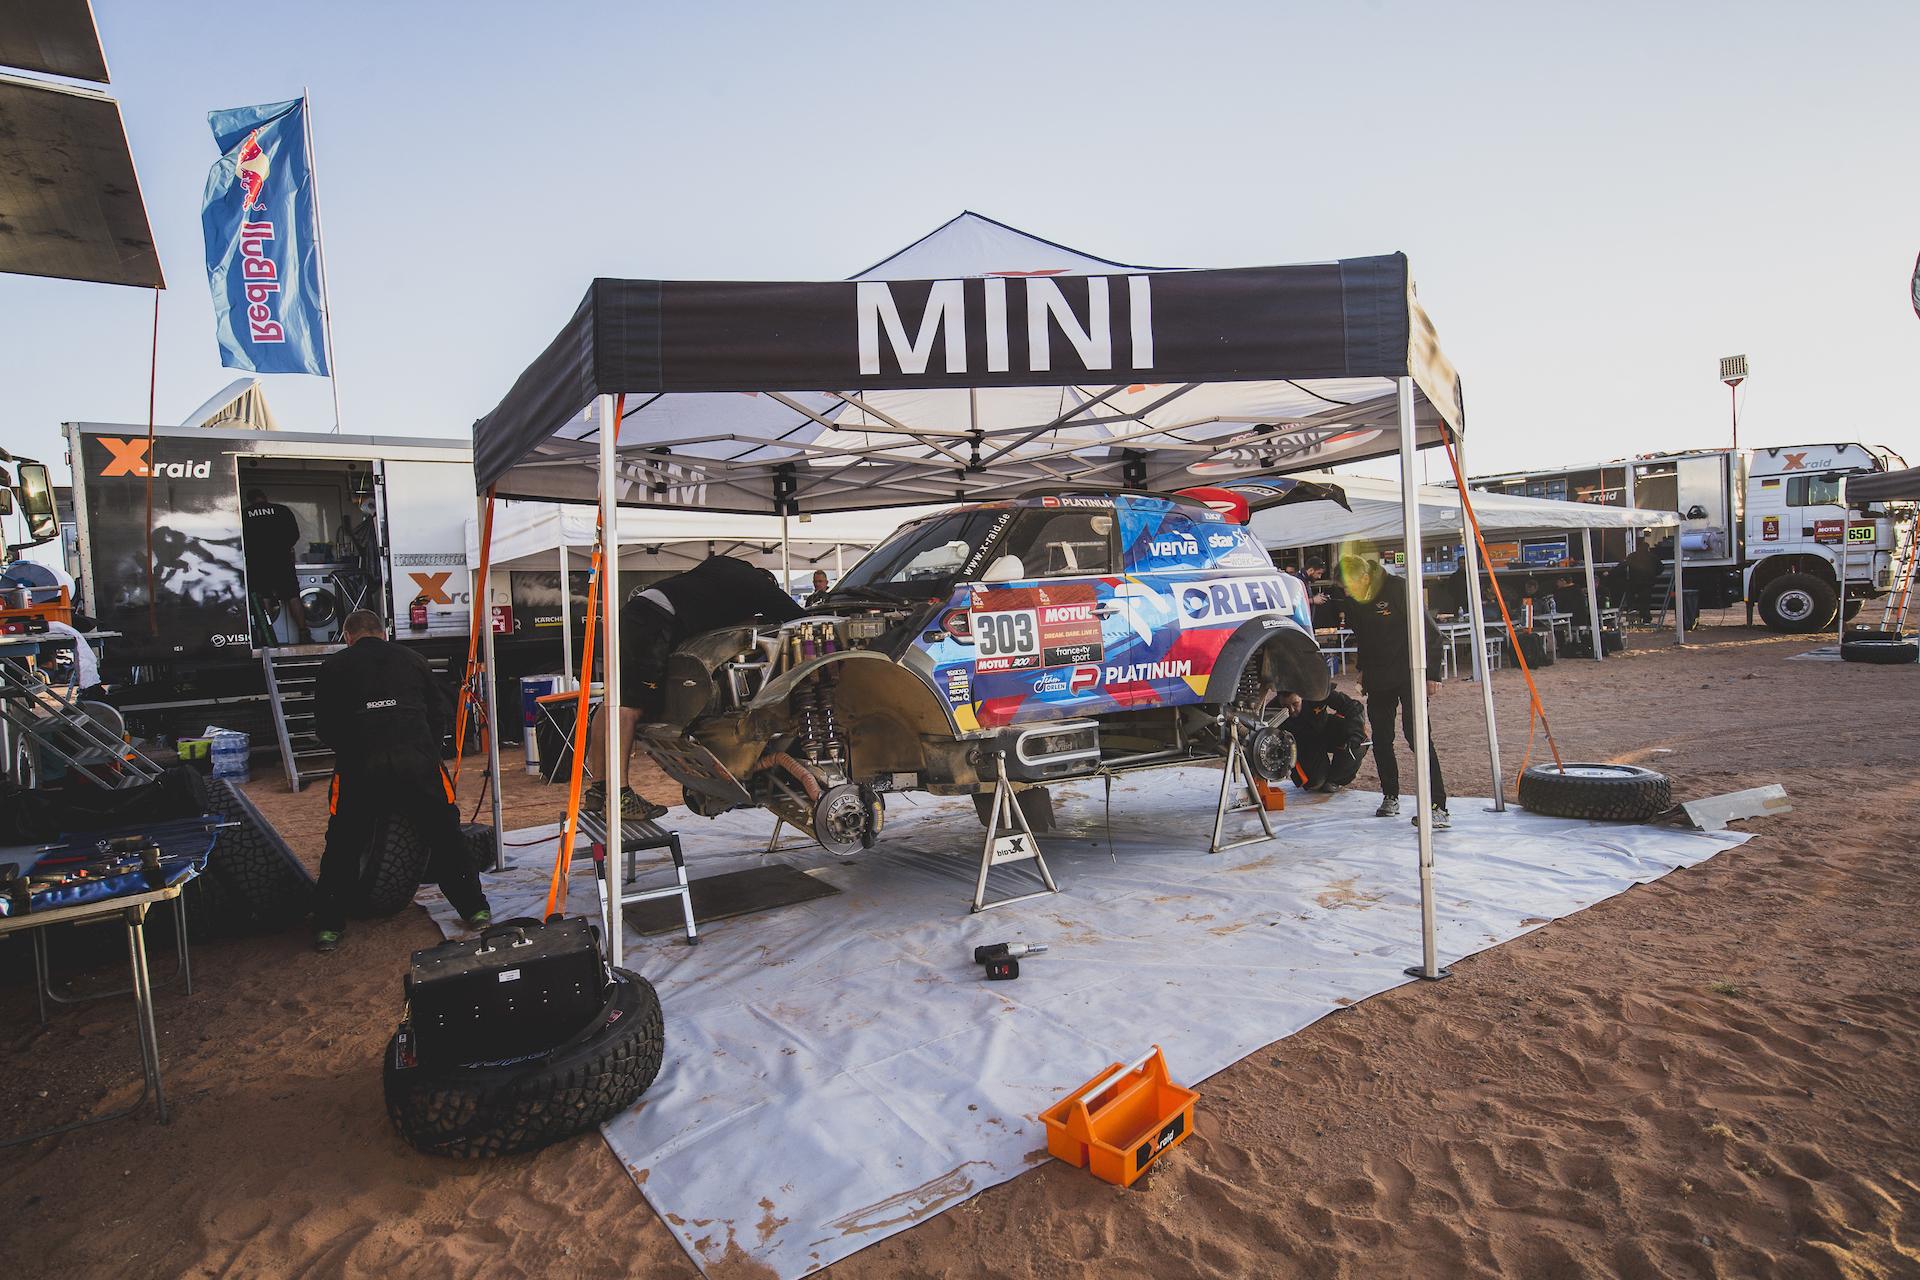 Bahrain JCW X-Raid Mini